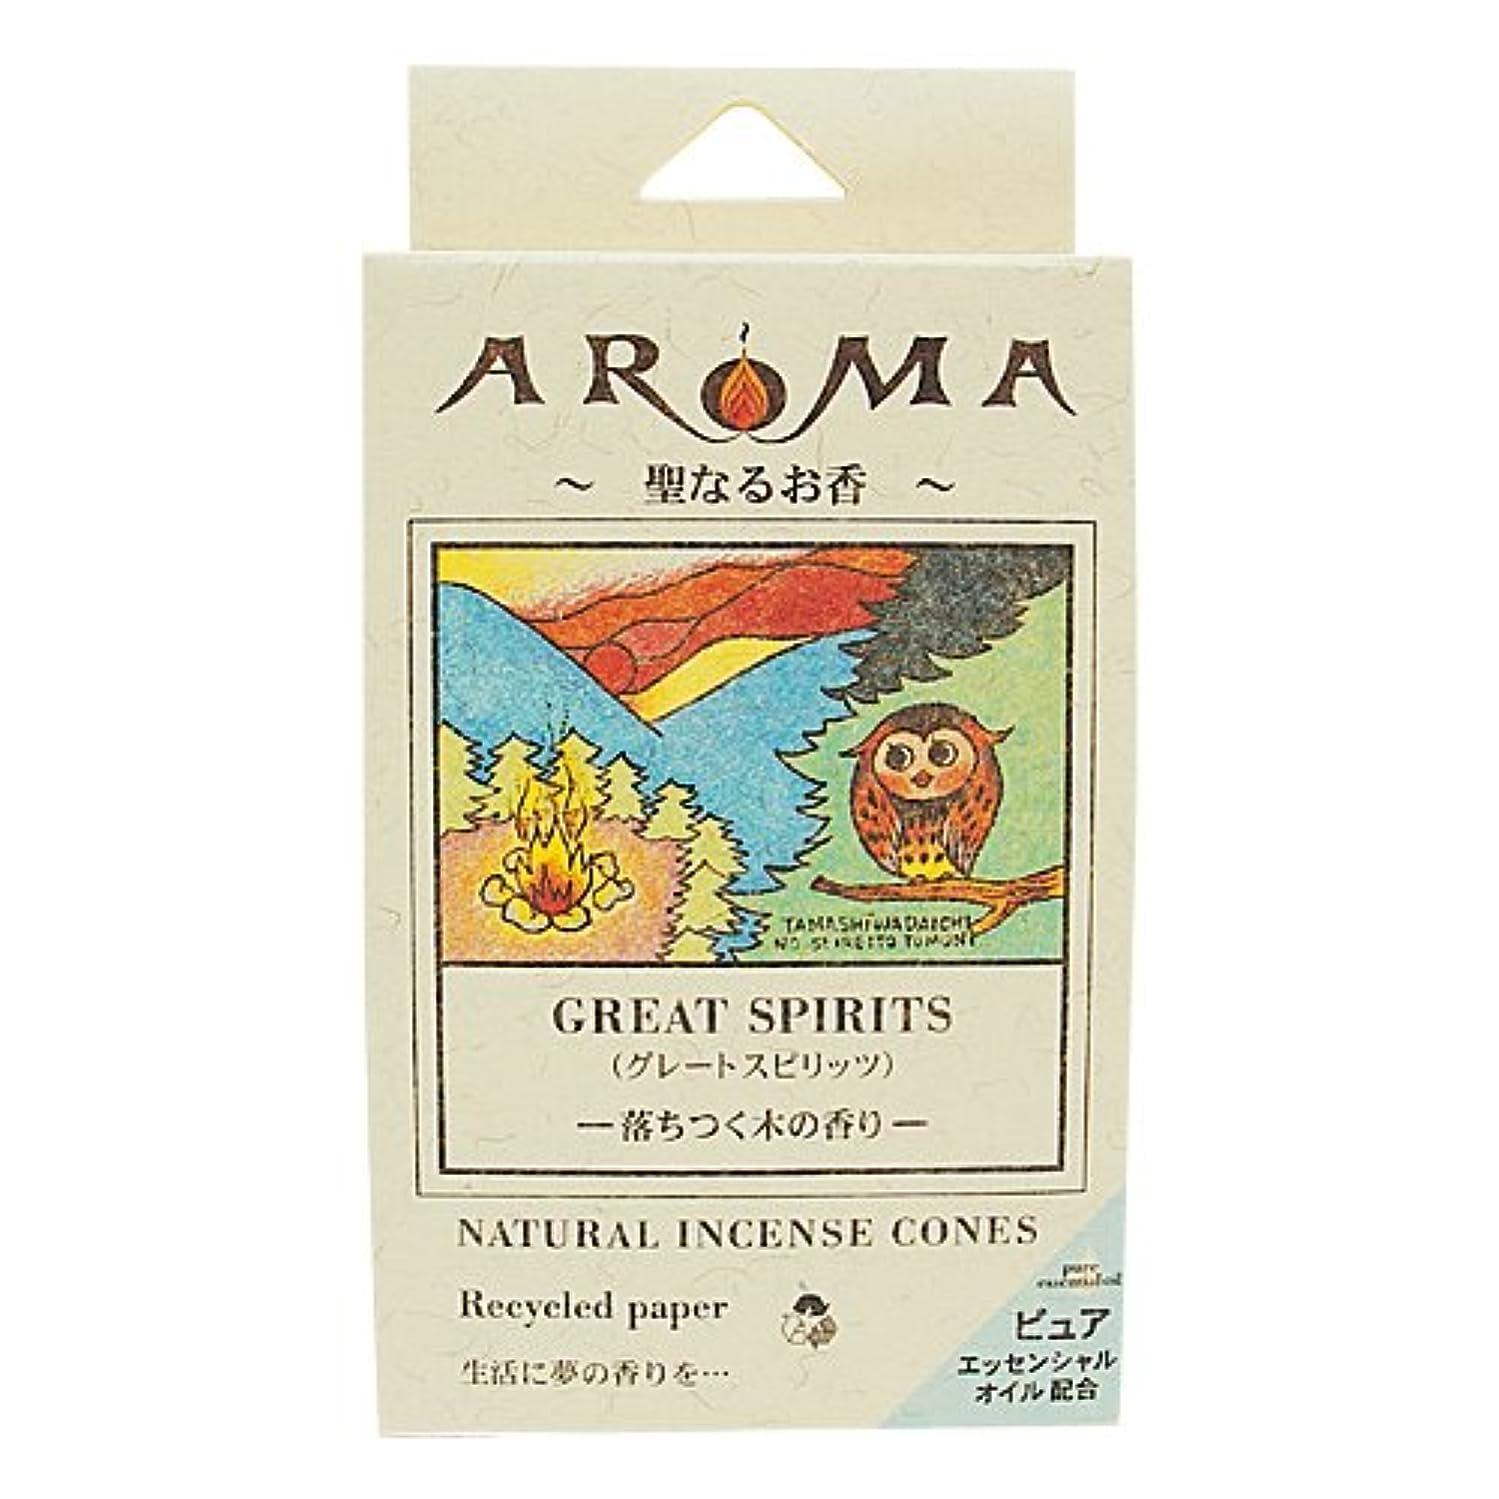 農村取得する立場アロマ香 グレートスピリット 16粒(コーンタイプインセンス 1粒の燃焼時間約20分 落ち着く木の香り)